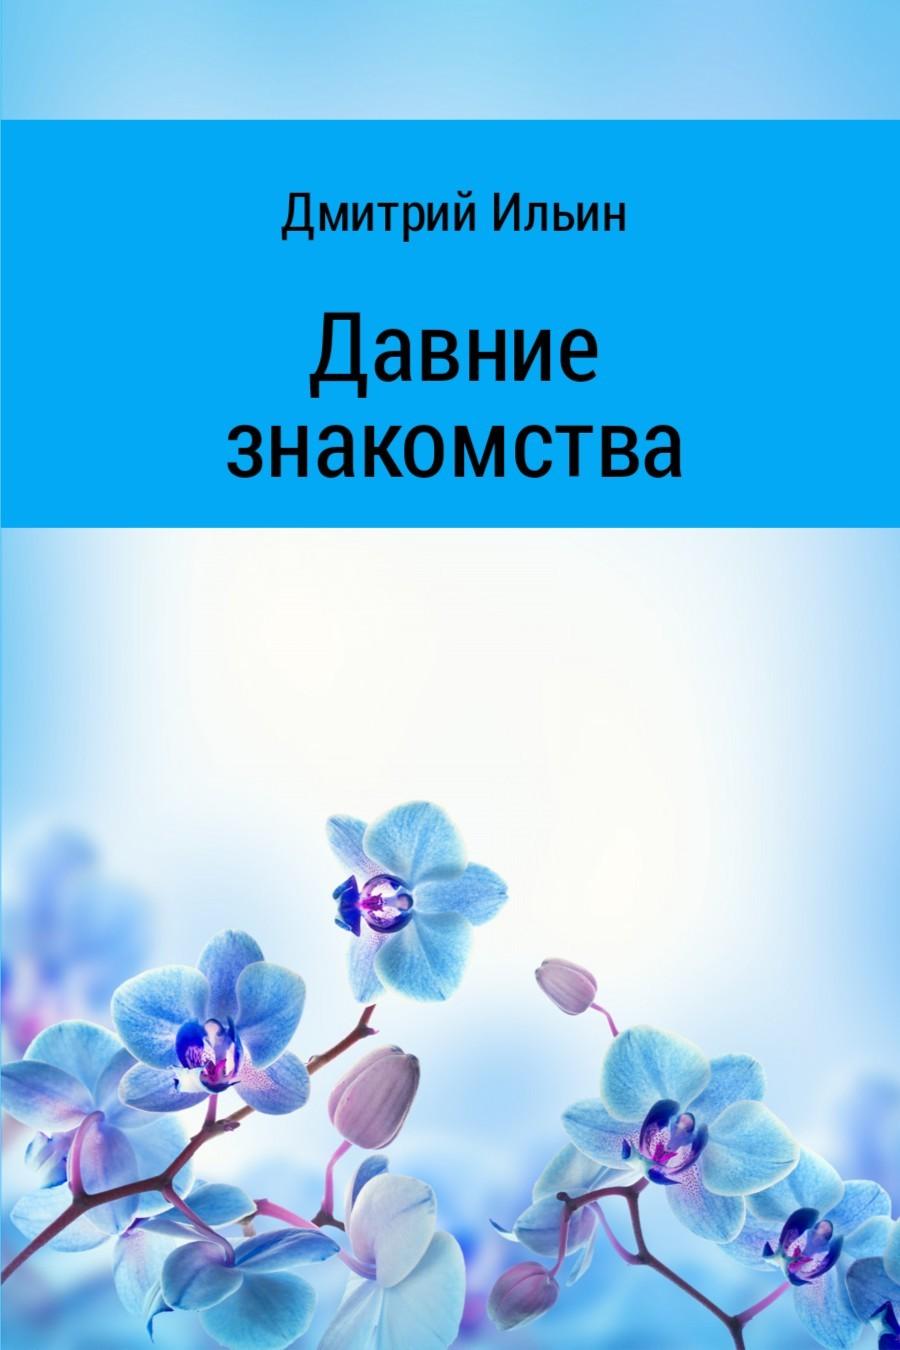 Дмитрий Ильин Давние знакомства ответственность обязательство чувство вины